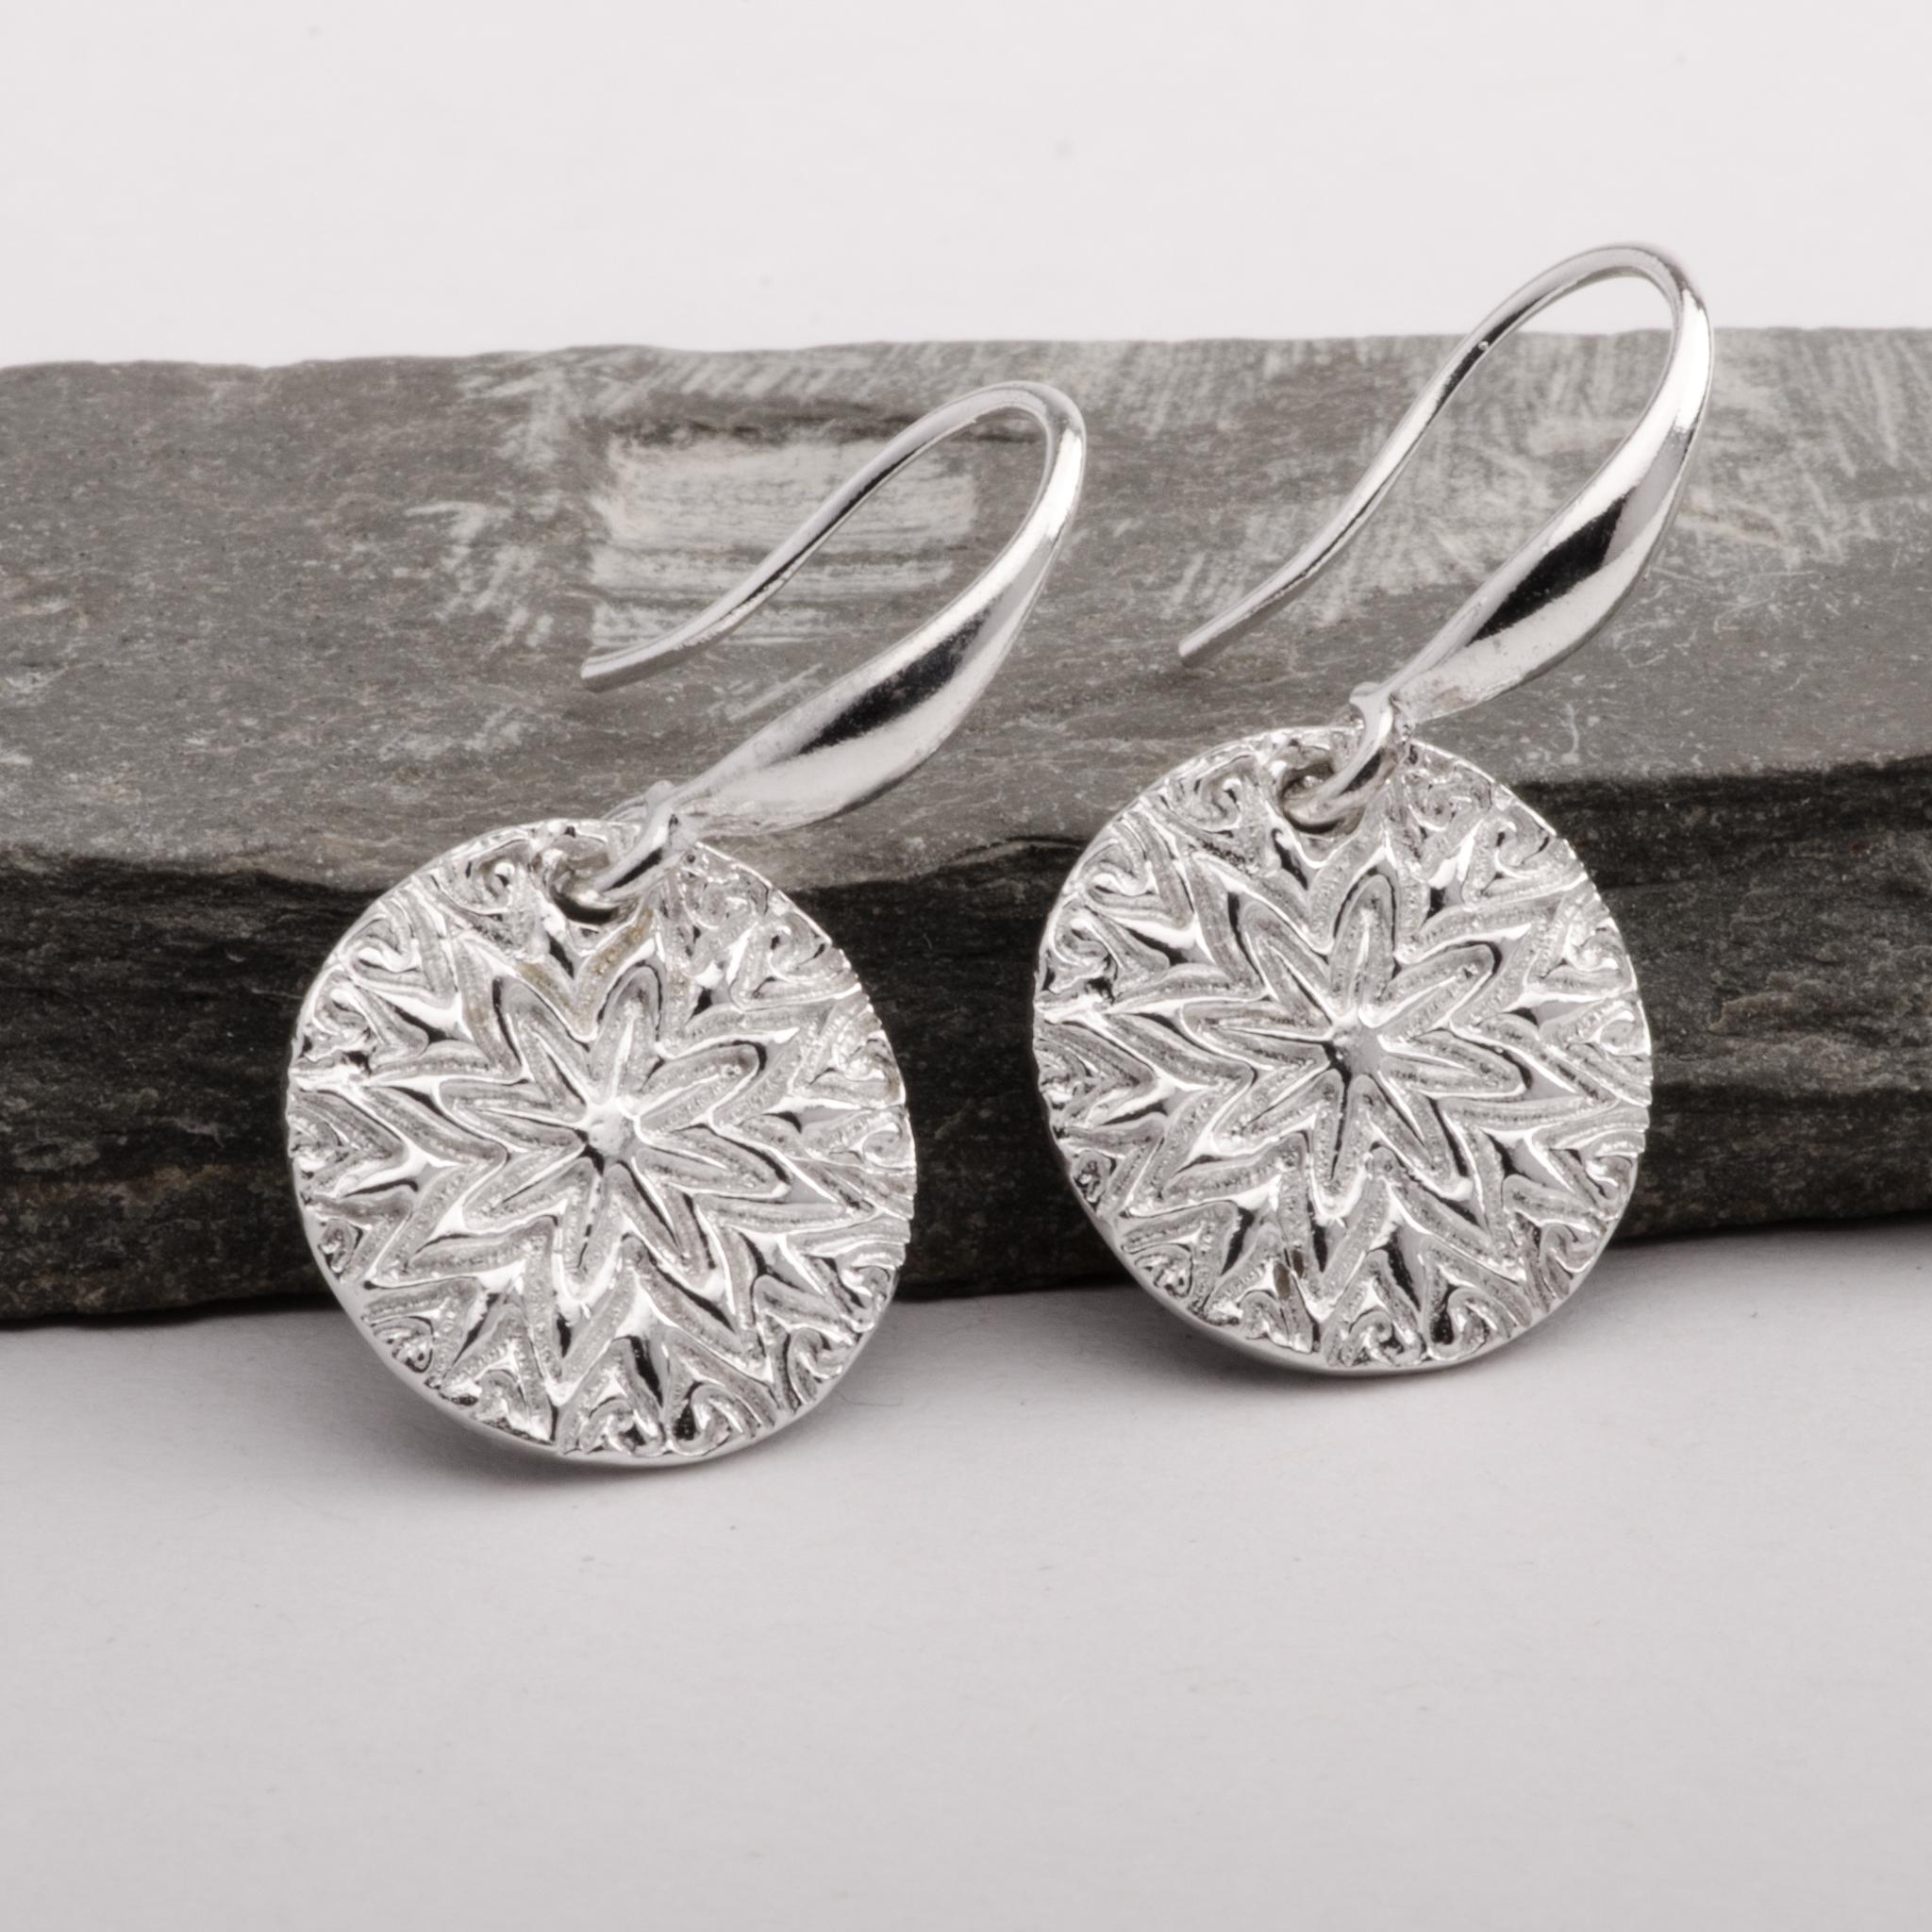 Mandala Star Silver Earrings